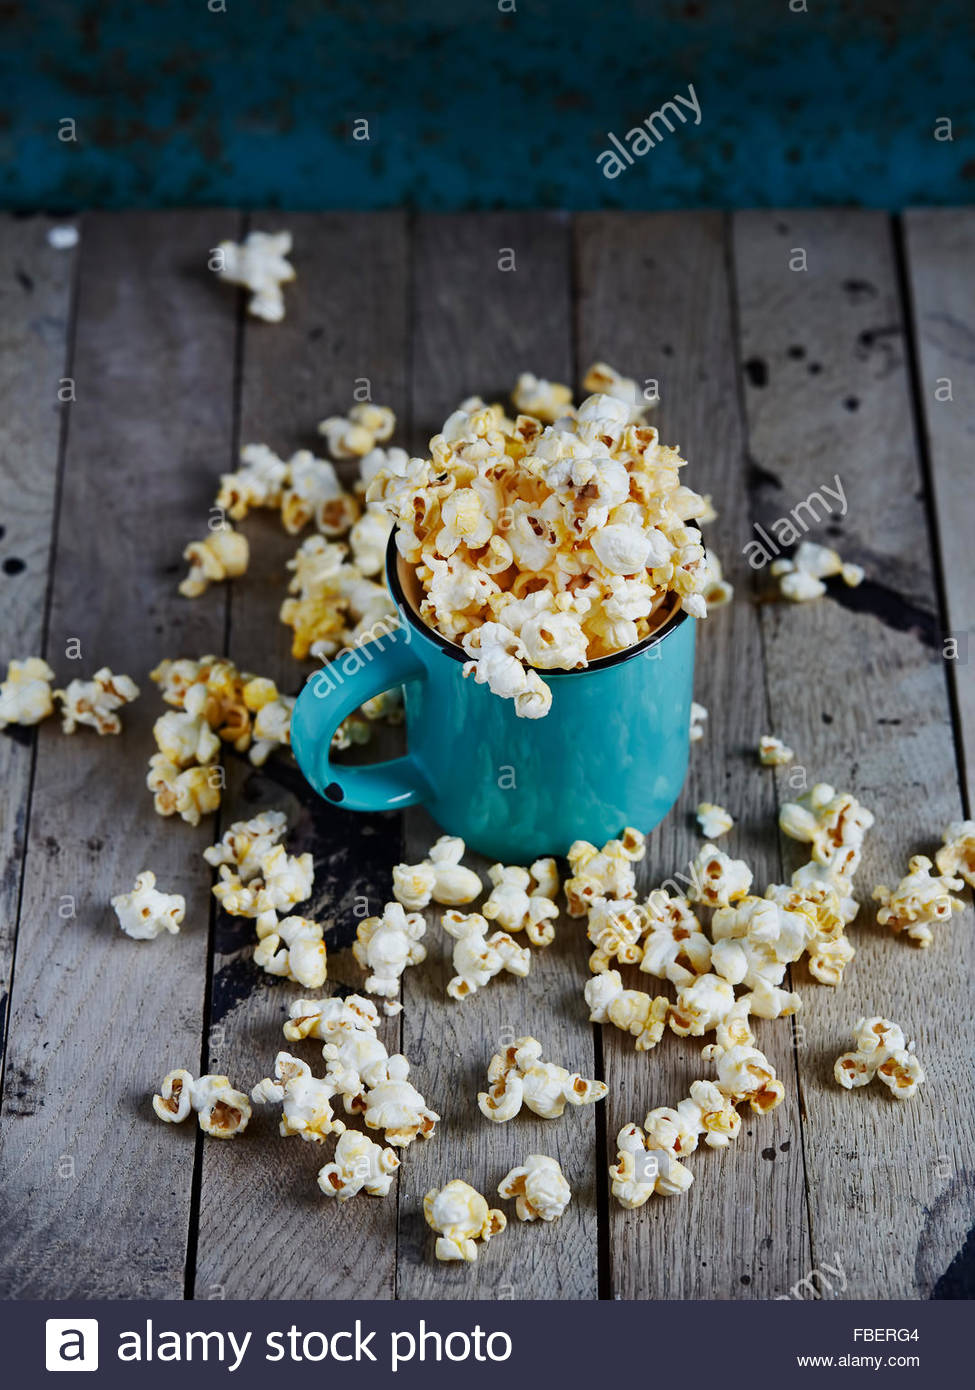 Tasse pleine de maïs soufflé à la menthe Photo Stock